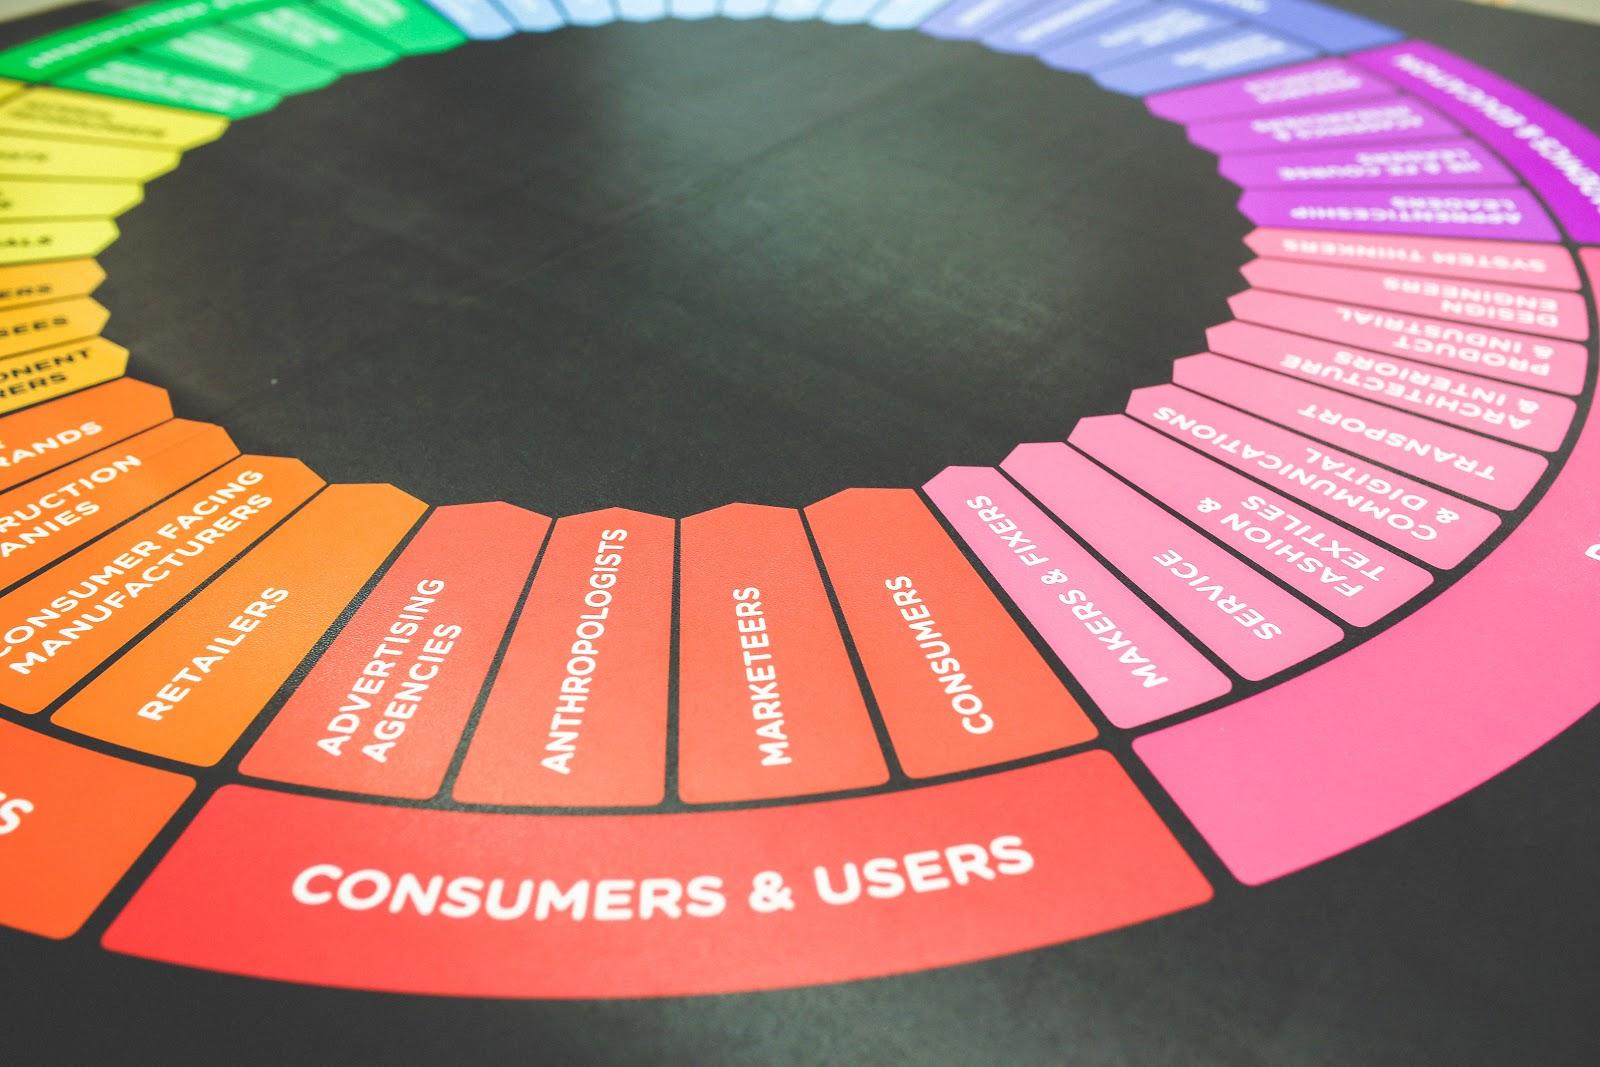 A marketing wheel